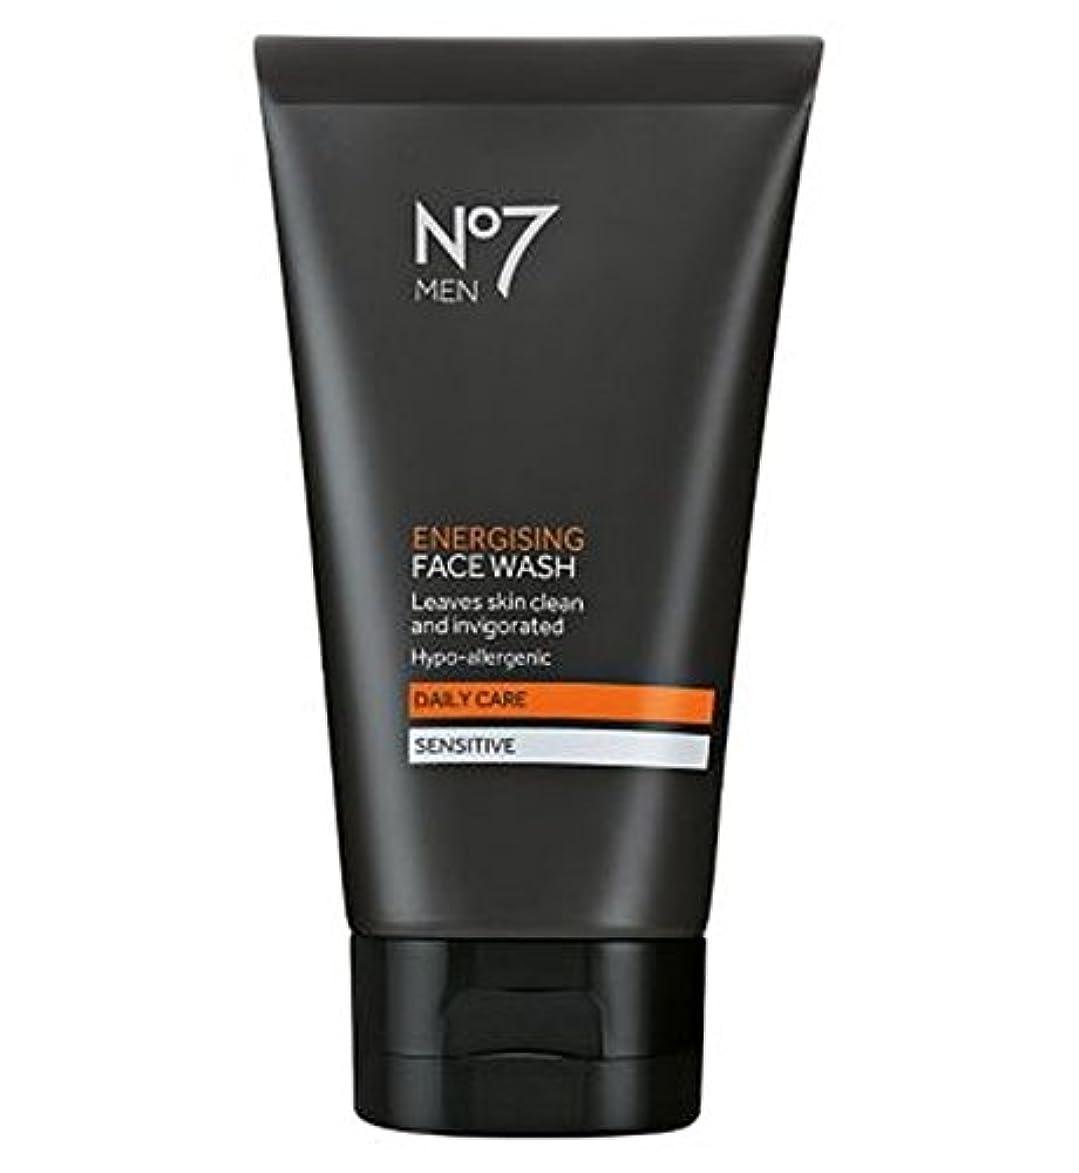 世界に死んだ遠洋の決めますNo7 Men Energising Face Wash 150ml - 洗顔料の150ミリリットルを通電No7の男性 (No7) [並行輸入品]